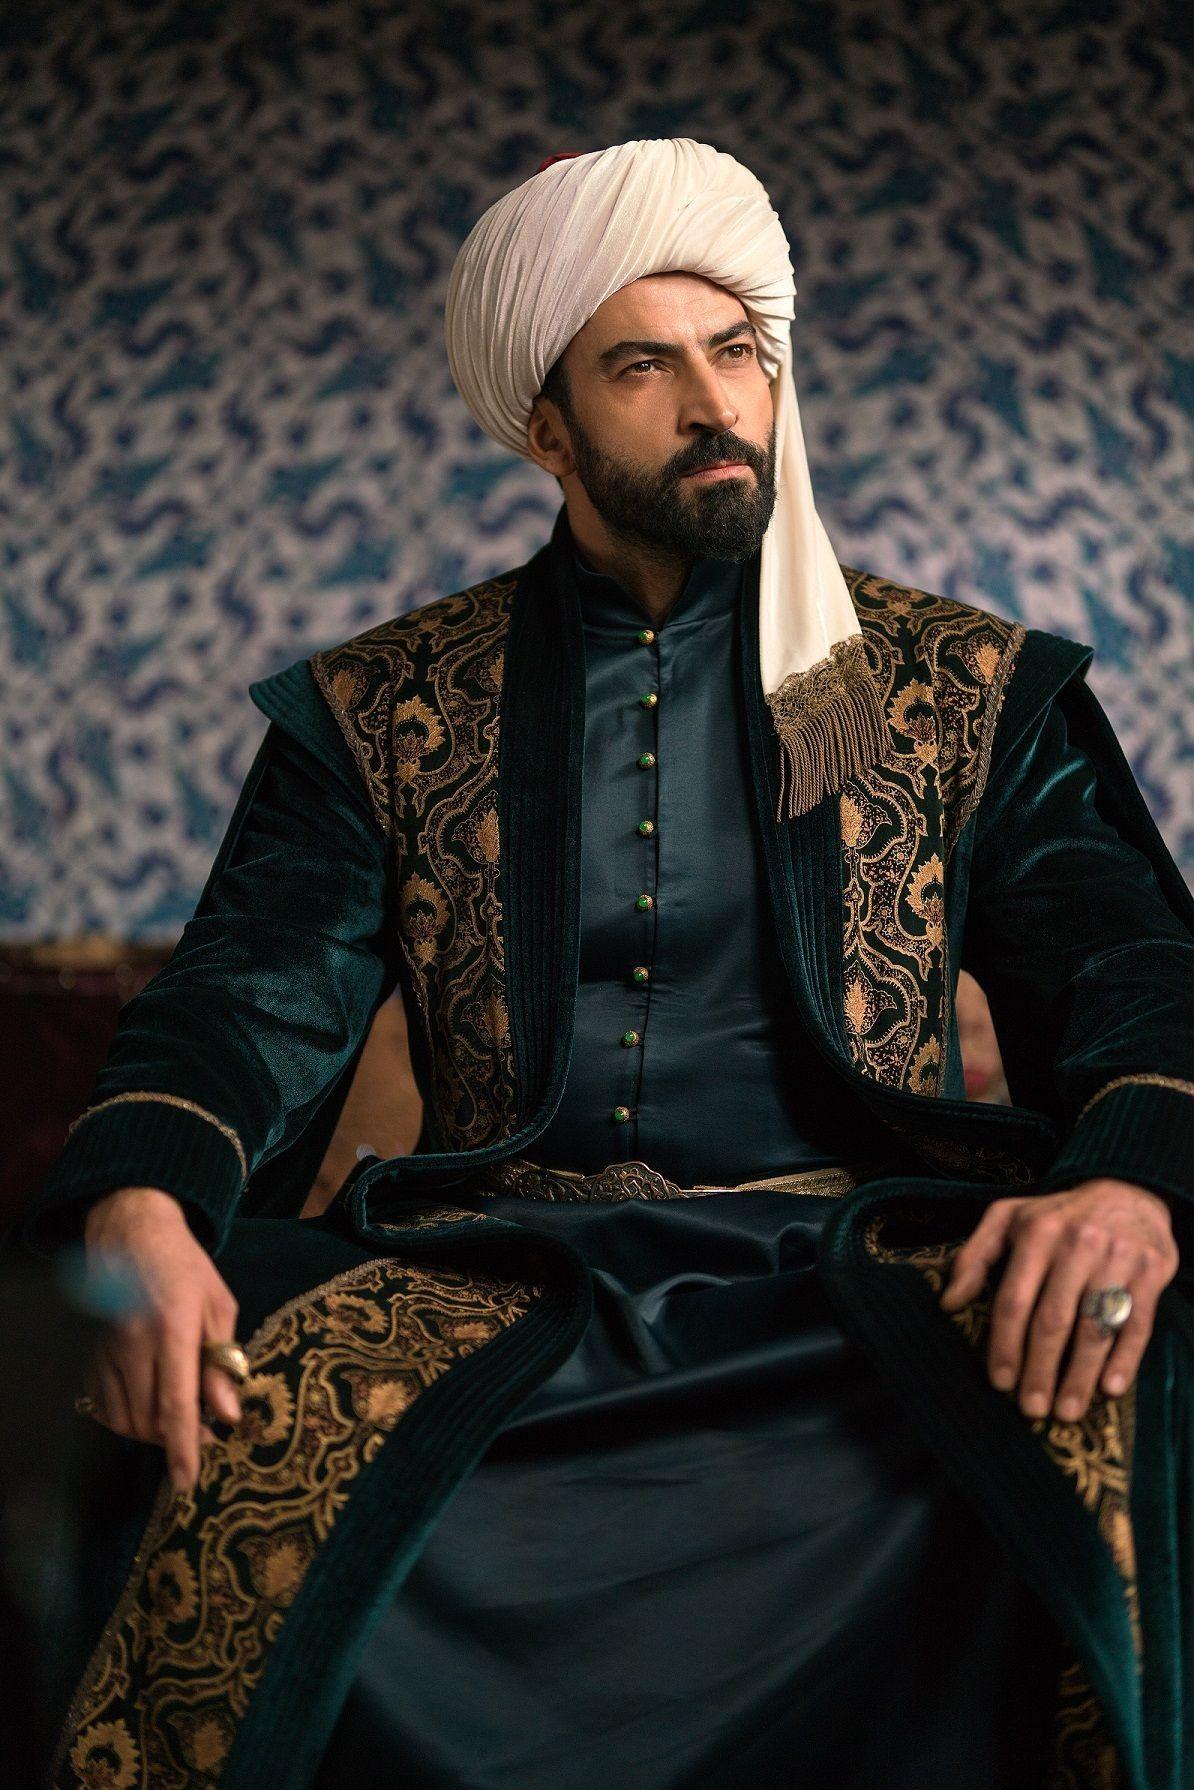 балтийском море фотографии турецких султанов зелёных акцентов то